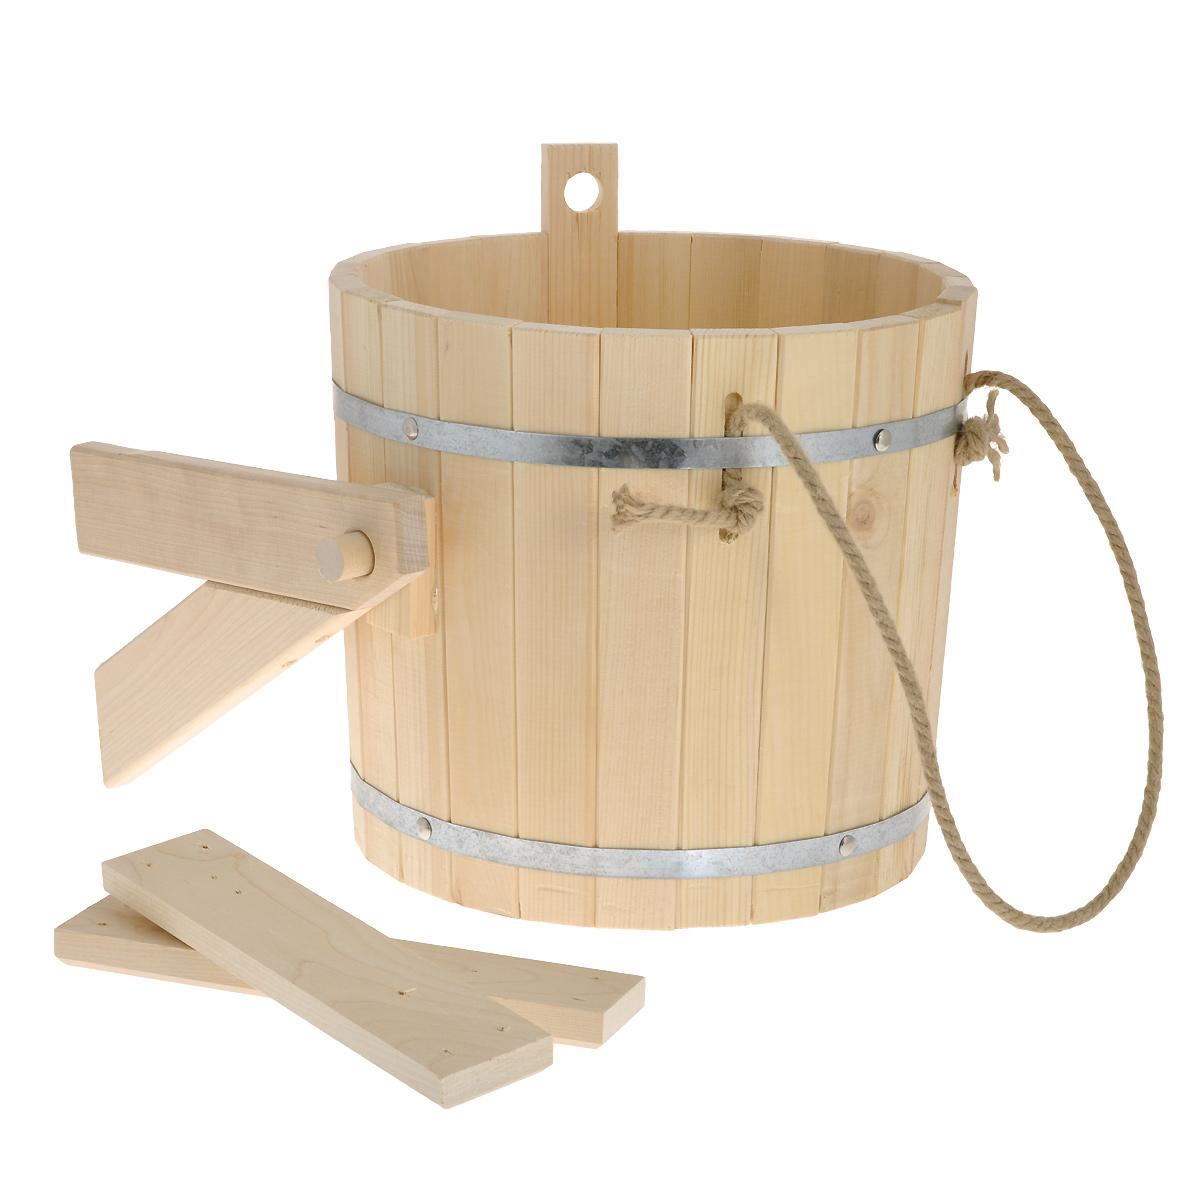 Обливное устройство Доктор баня, 16 л904937Обливное устройство Доктор баня состоит из деревянной емкости, двух кронштейнов и впускного клапана для воды. Обливное устройство изготовлено из деревянных шпунтованный клепок, склеенных между собой водостойким клеем и стянутых двумя обручами из нержавеющей стали. Внутри и снаружи устройство покрыто экологически безопасной мастикой на основе природного воска, который обеспечивает высокую степень защиты древесины от воздействия воды. Обливное устройство может монтироваться как к стенам, так и к потолку помещения. Обливное устройство предназначено для контрастного обливания после высоких температур парной в банях и саунах. Обливные устройства используются как внутри бани, так и снаружи. Рекомендуется периодически проверять прочность узловых соединений и надежность крепления к стене. Характеристики: Материал: дерево (кедр), металл, текстиль. Объем емкости: 16 л. Диаметр емкости: 34 см. Высота стенок емкости: 30 см.